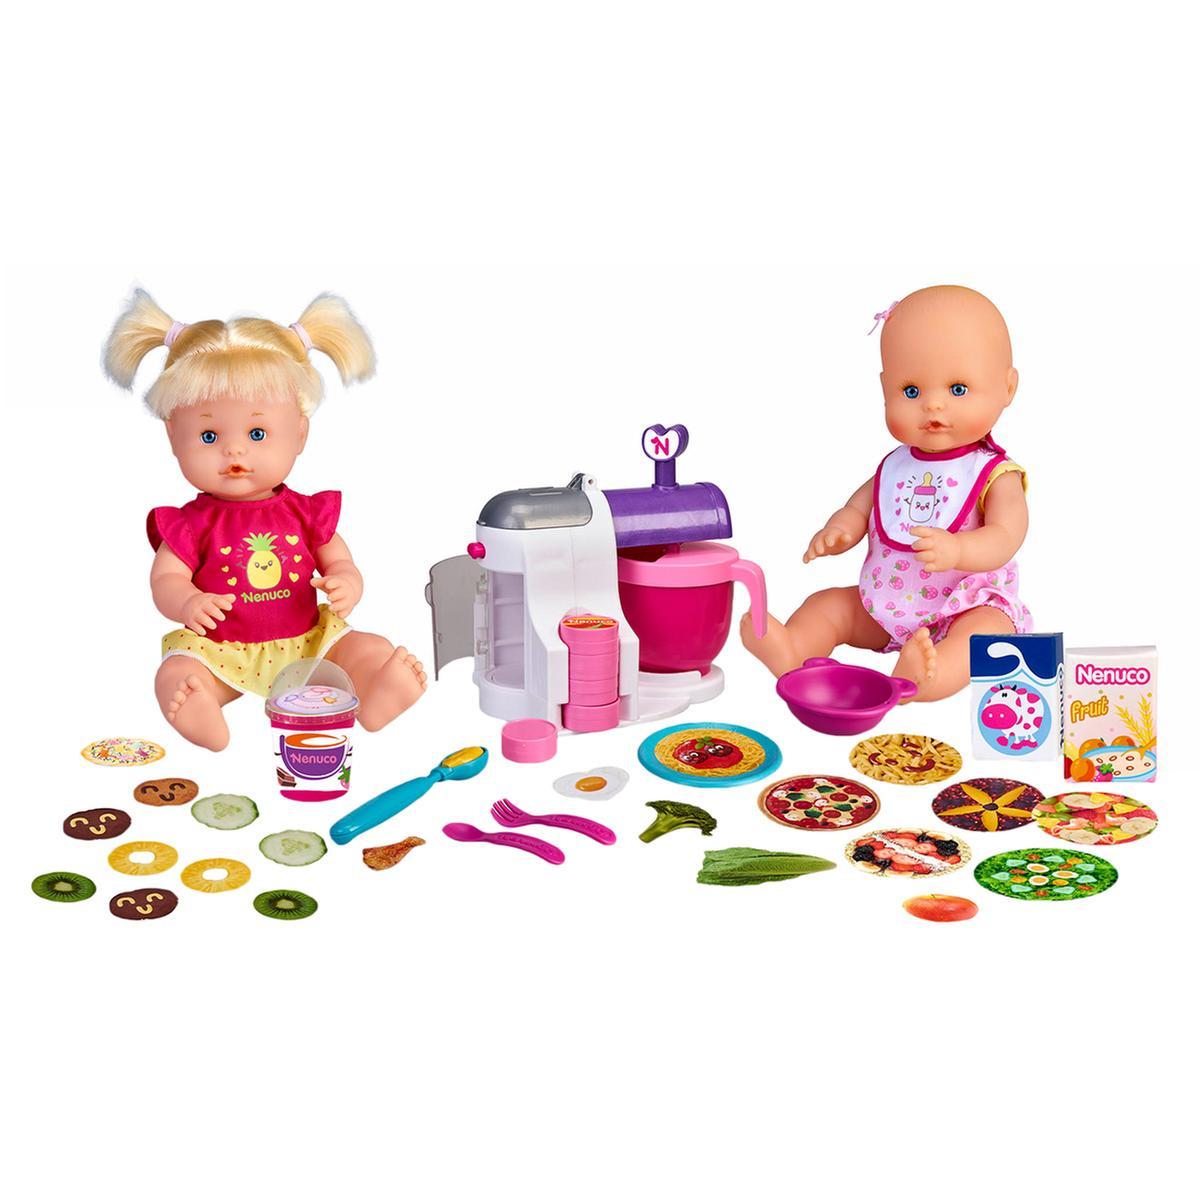 Nunca Canciones infantiles Mujer hermosa  Nenuco - Hermanitas Traviesas en la Cocina | Nenuco | Tienda de juguetes y  videojuegos Juguetería Online Toysrus